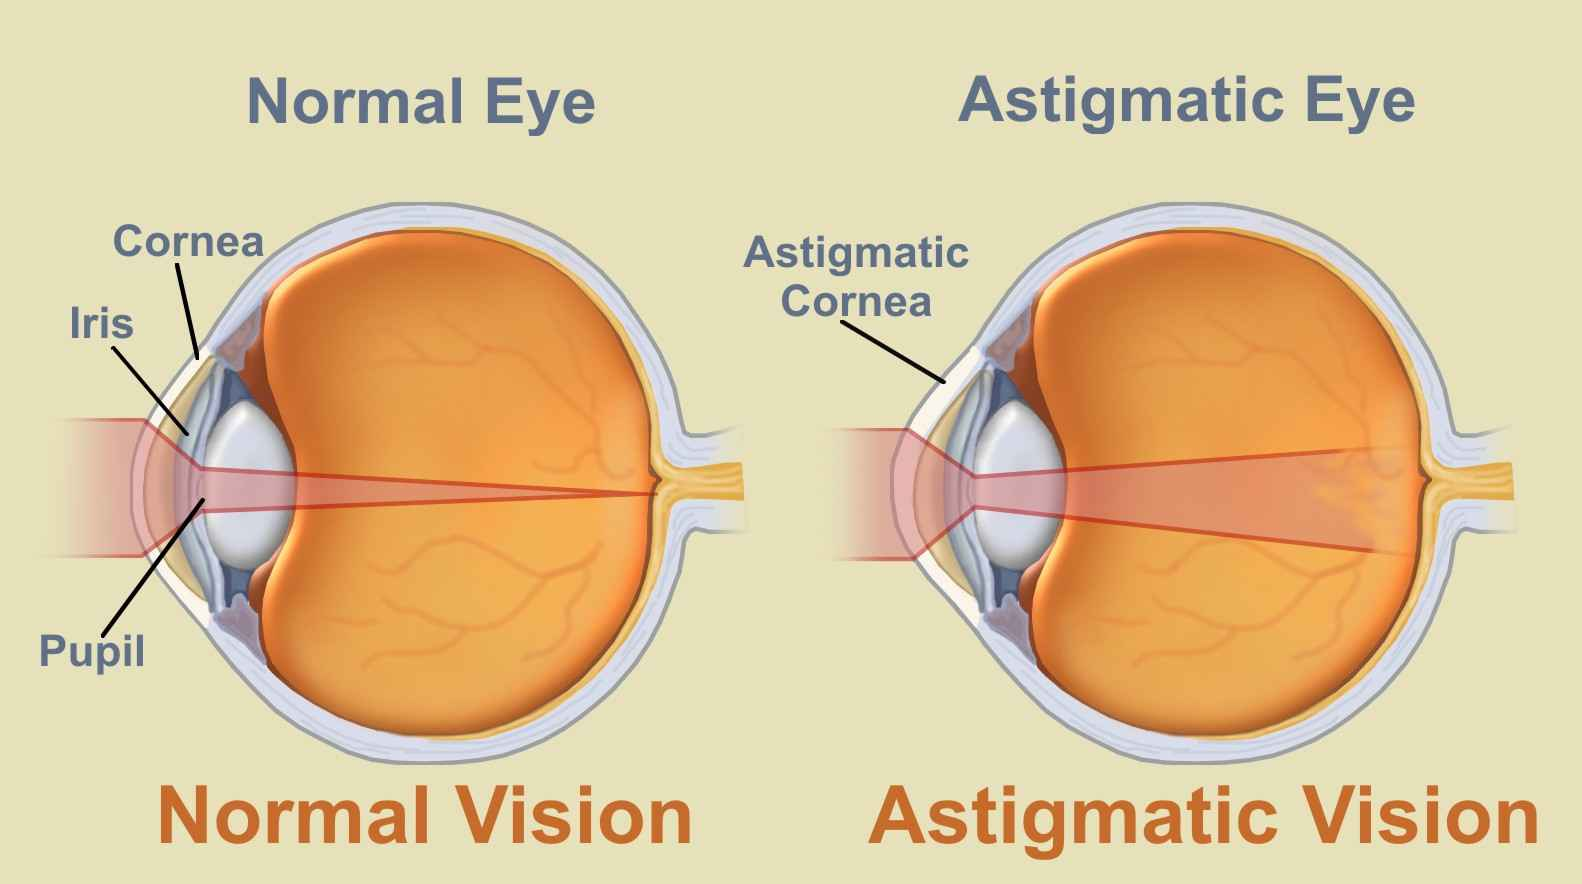 hogyan lehet javítani a látás astigmatizmust